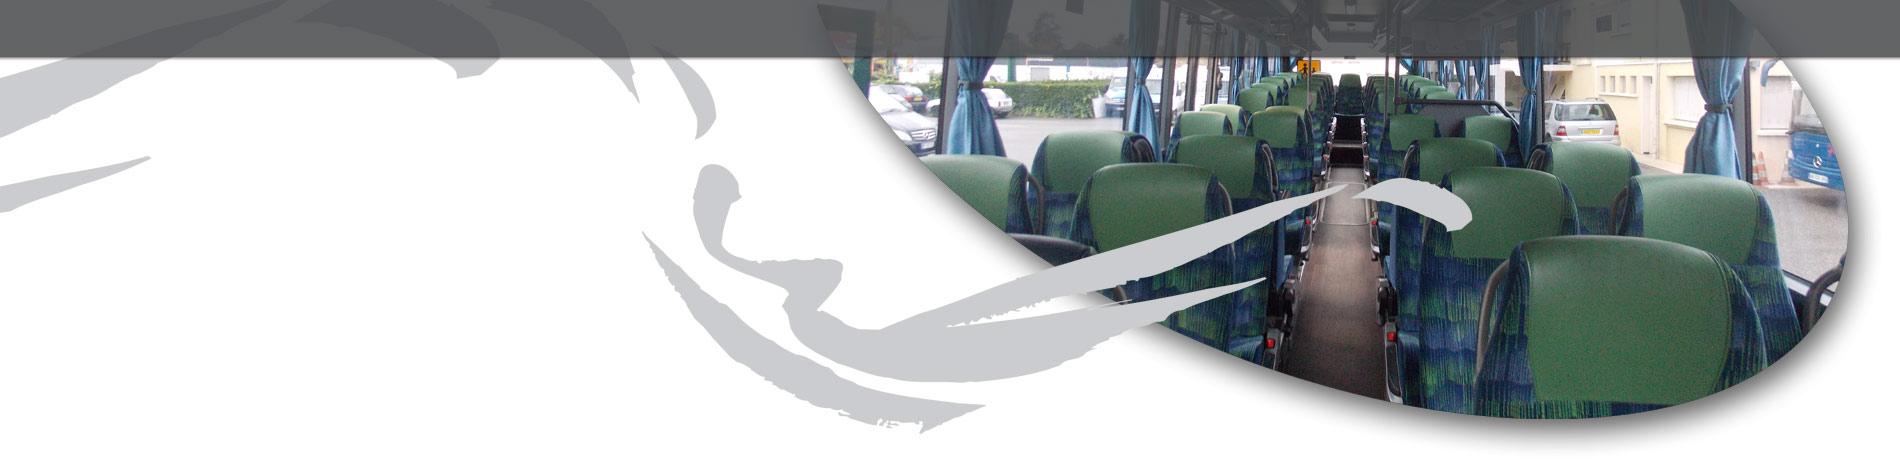 ligne agen villeneuve bus